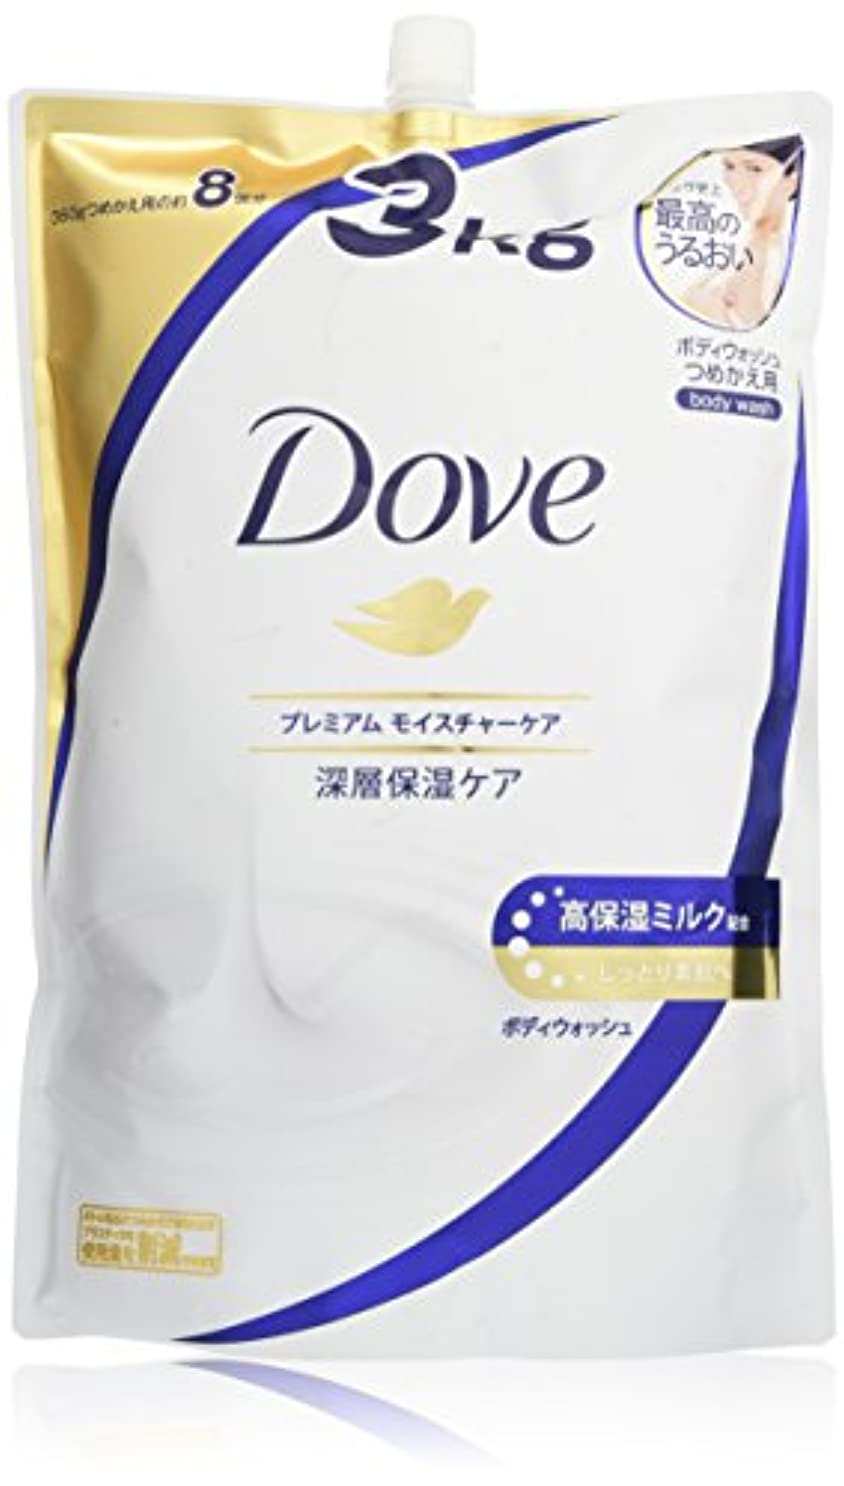 うなり声硬いパンツDove(ダヴ) Dove ダヴ ボディウォッシュ プレミアム モイスチャーケア つめかえ用 3kg